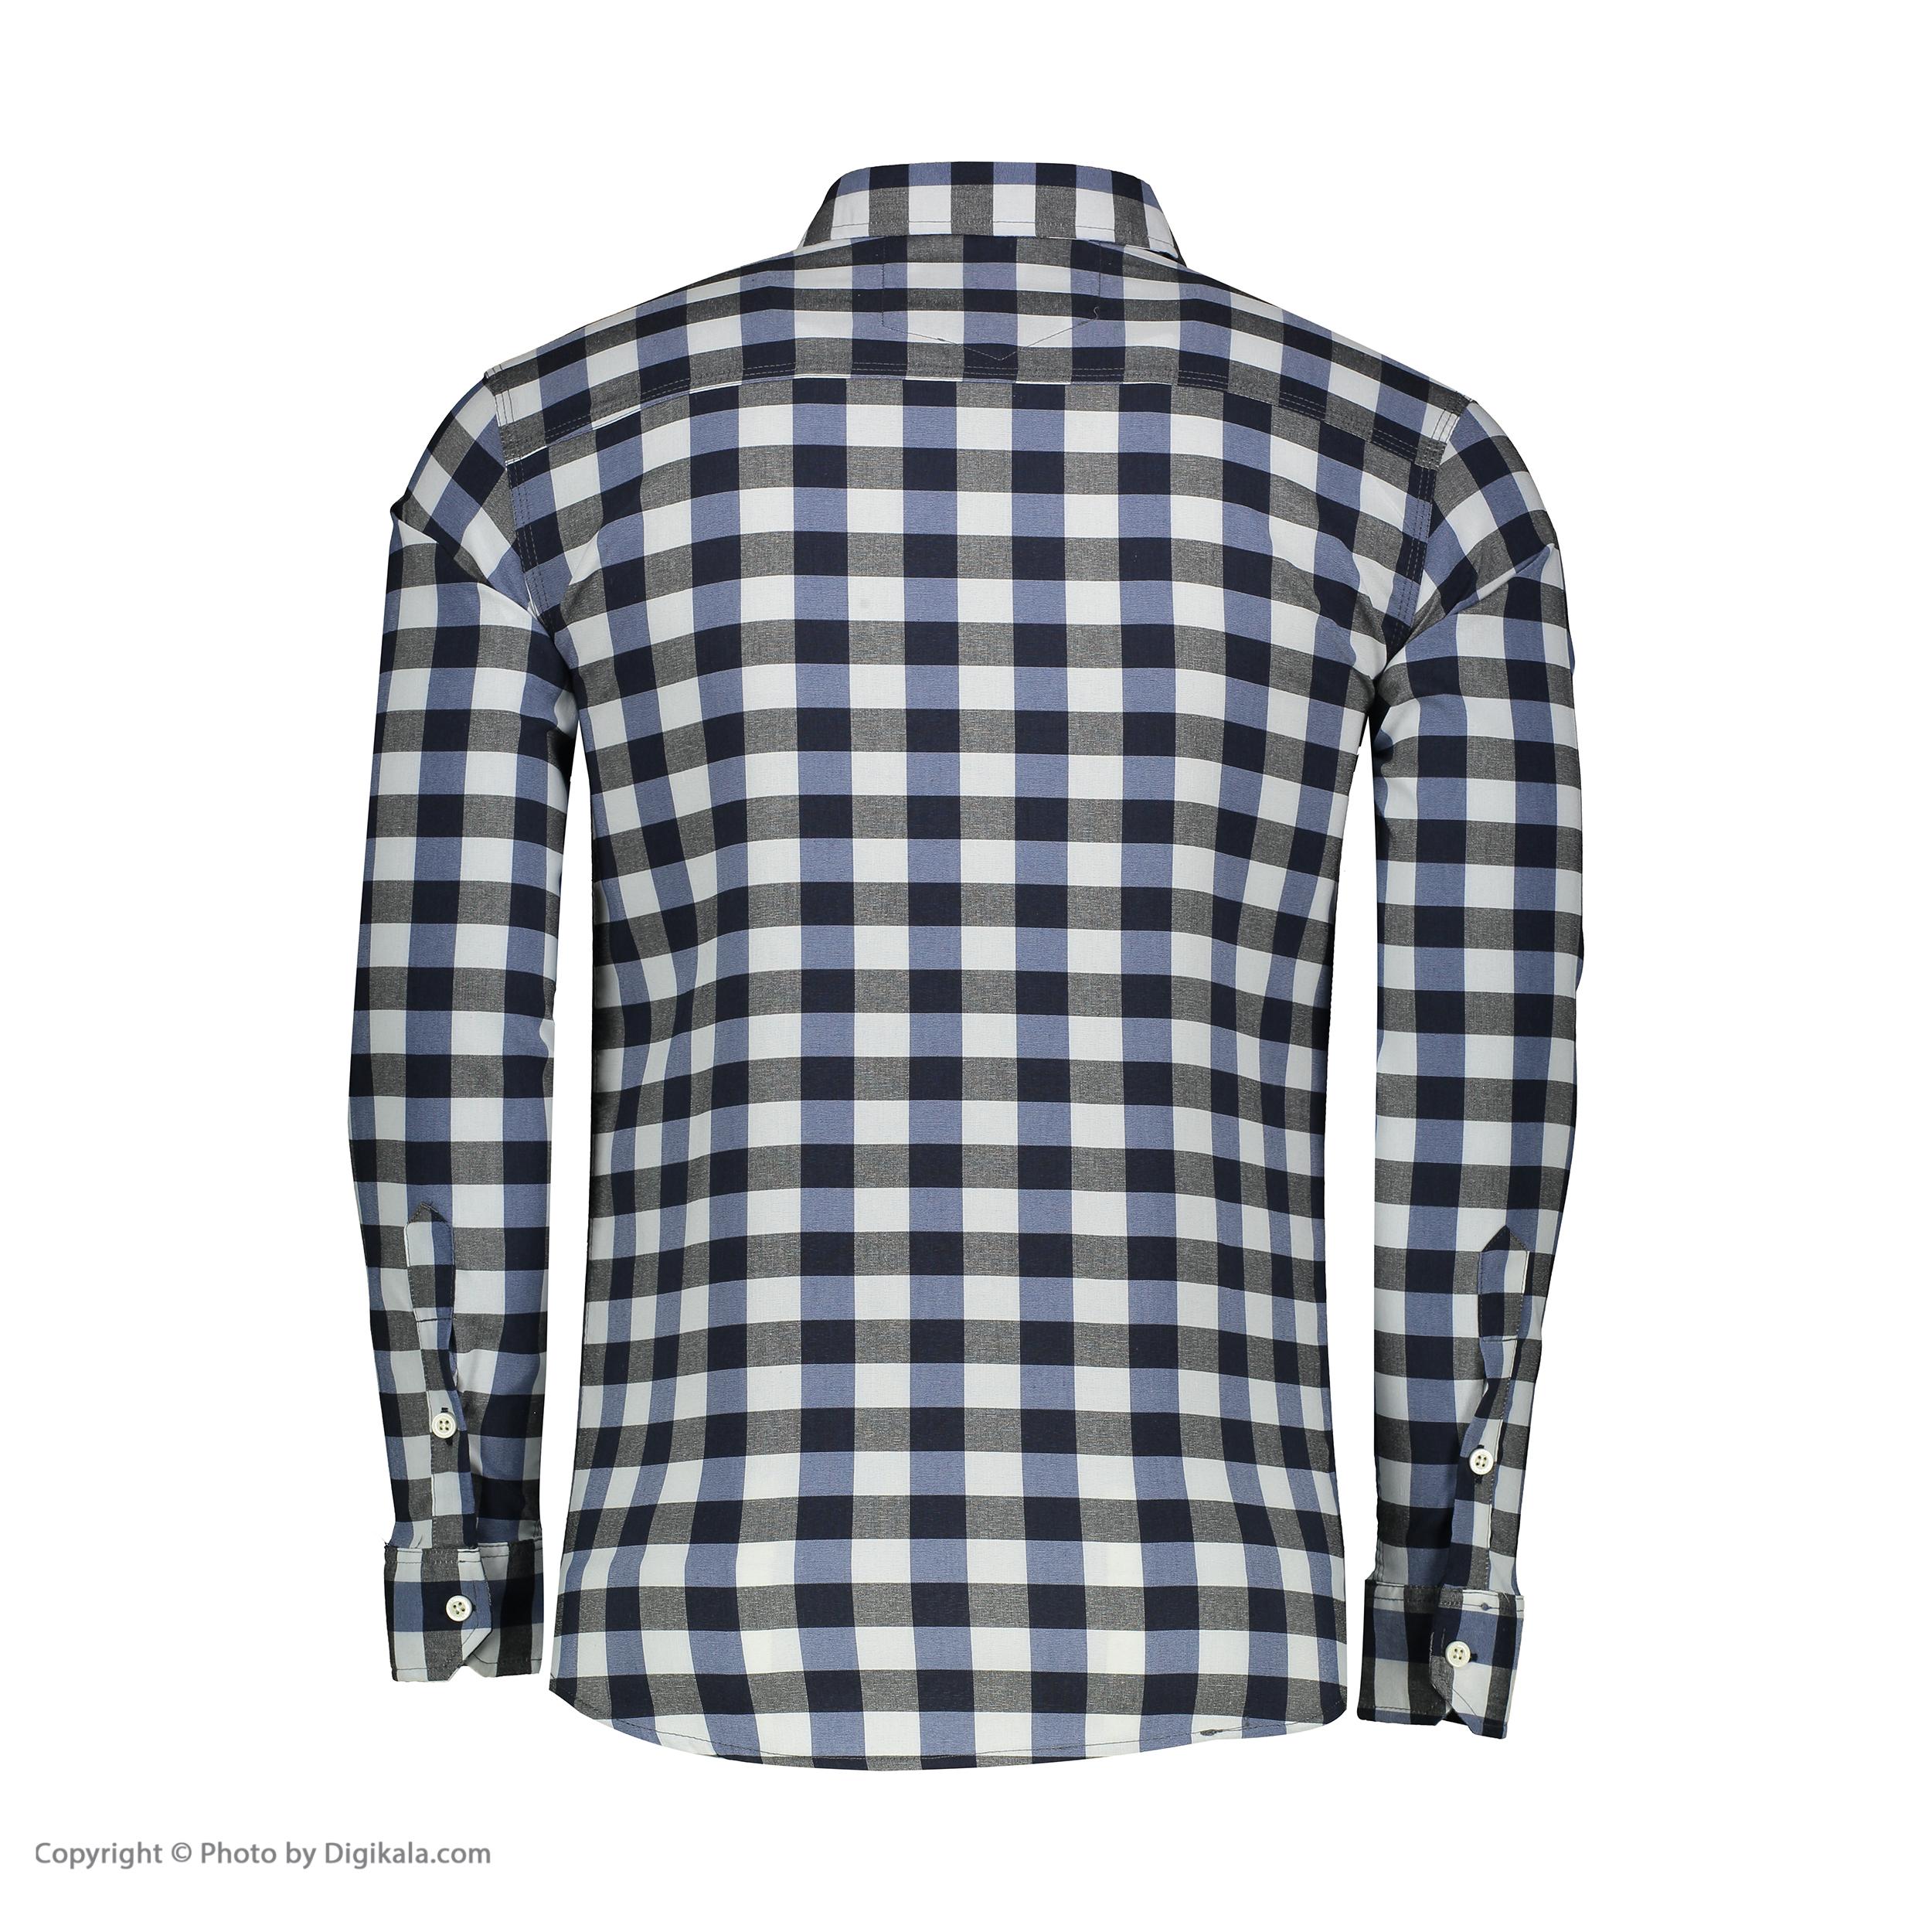 پیراهن مردانه پیکی پوش مدل M02384